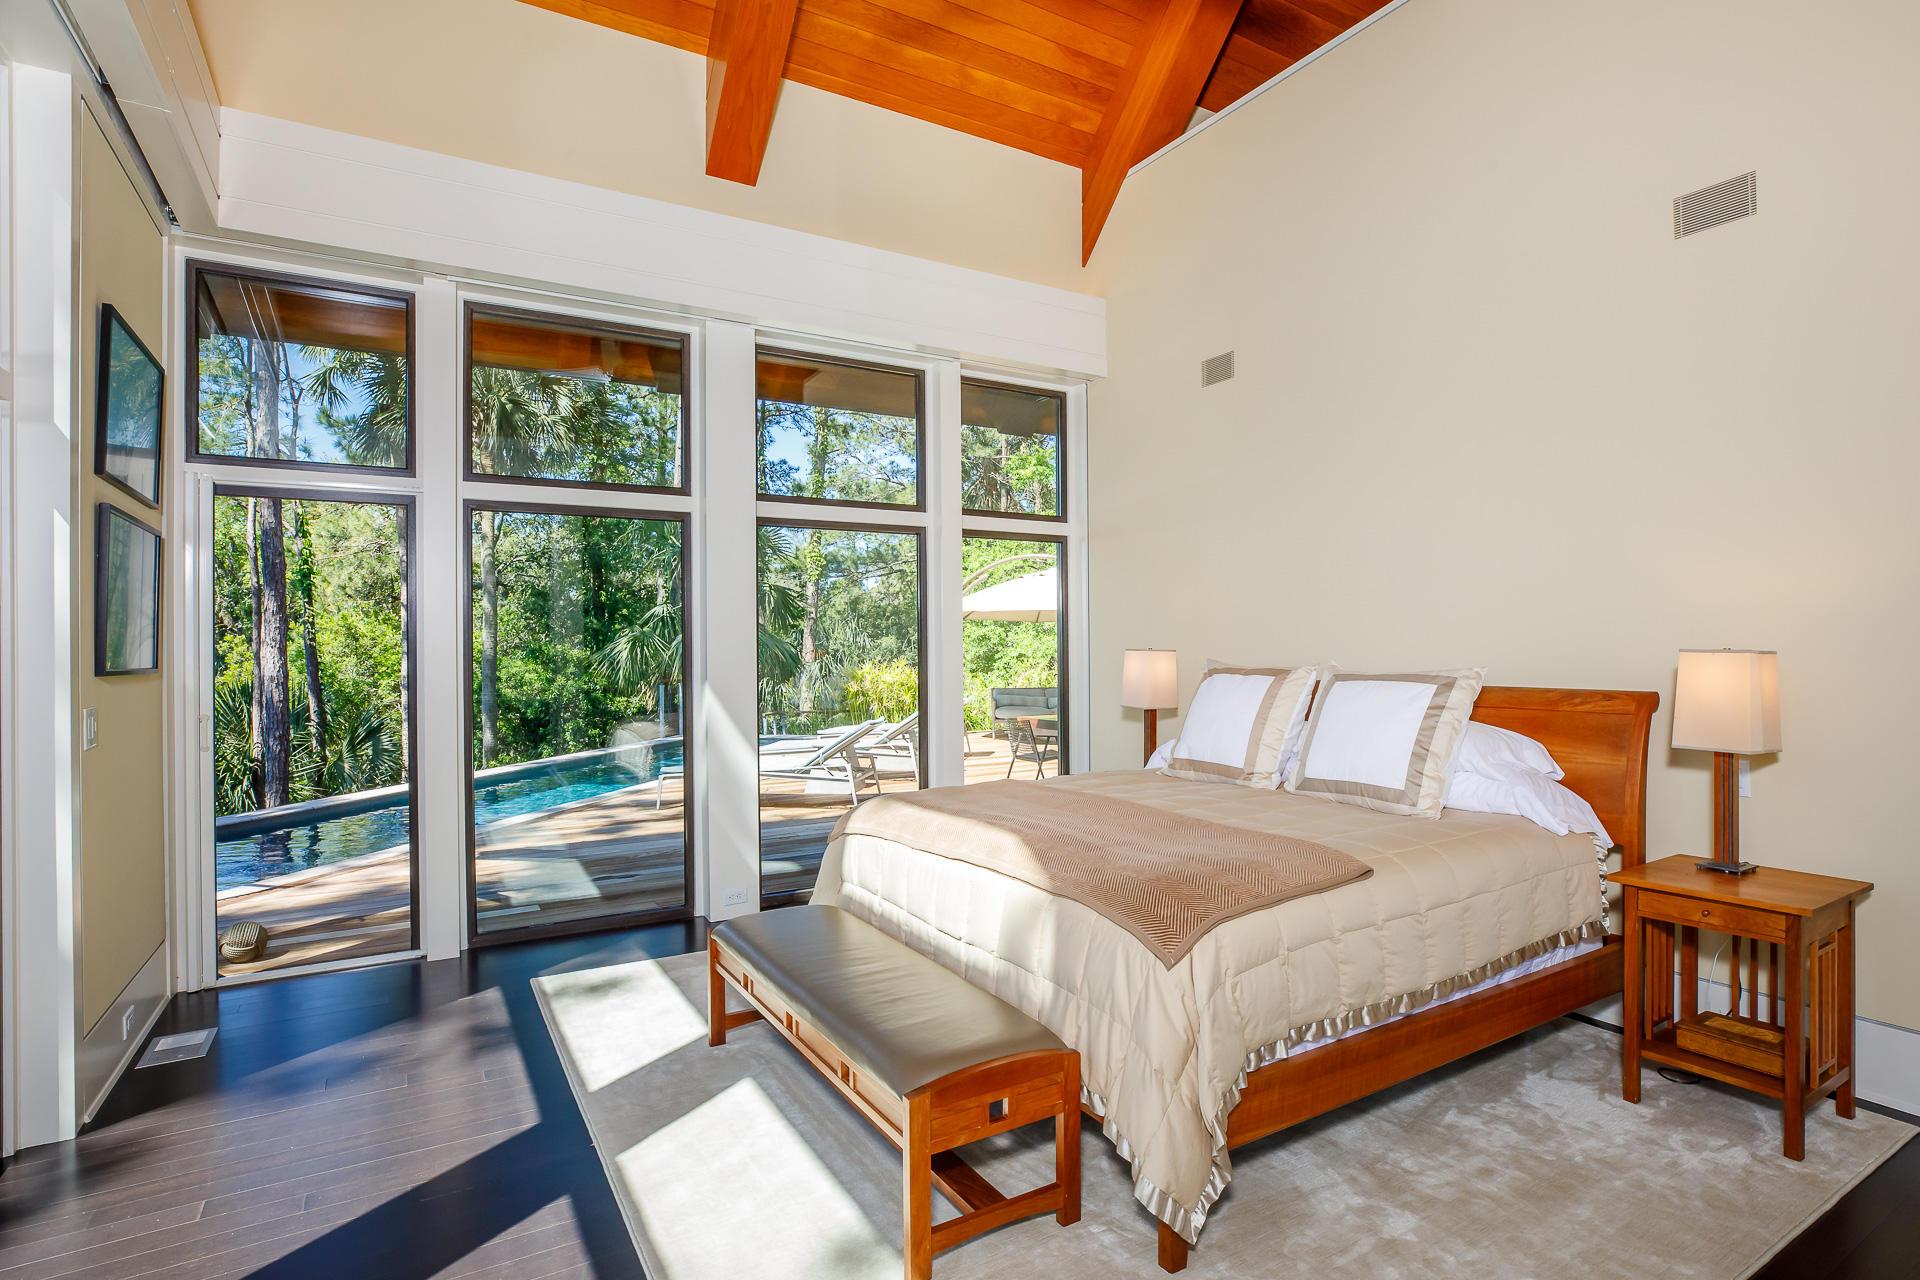 Kiawah Island Homes For Sale - 102 Blue Heron Pond, Kiawah Island, SC - 36